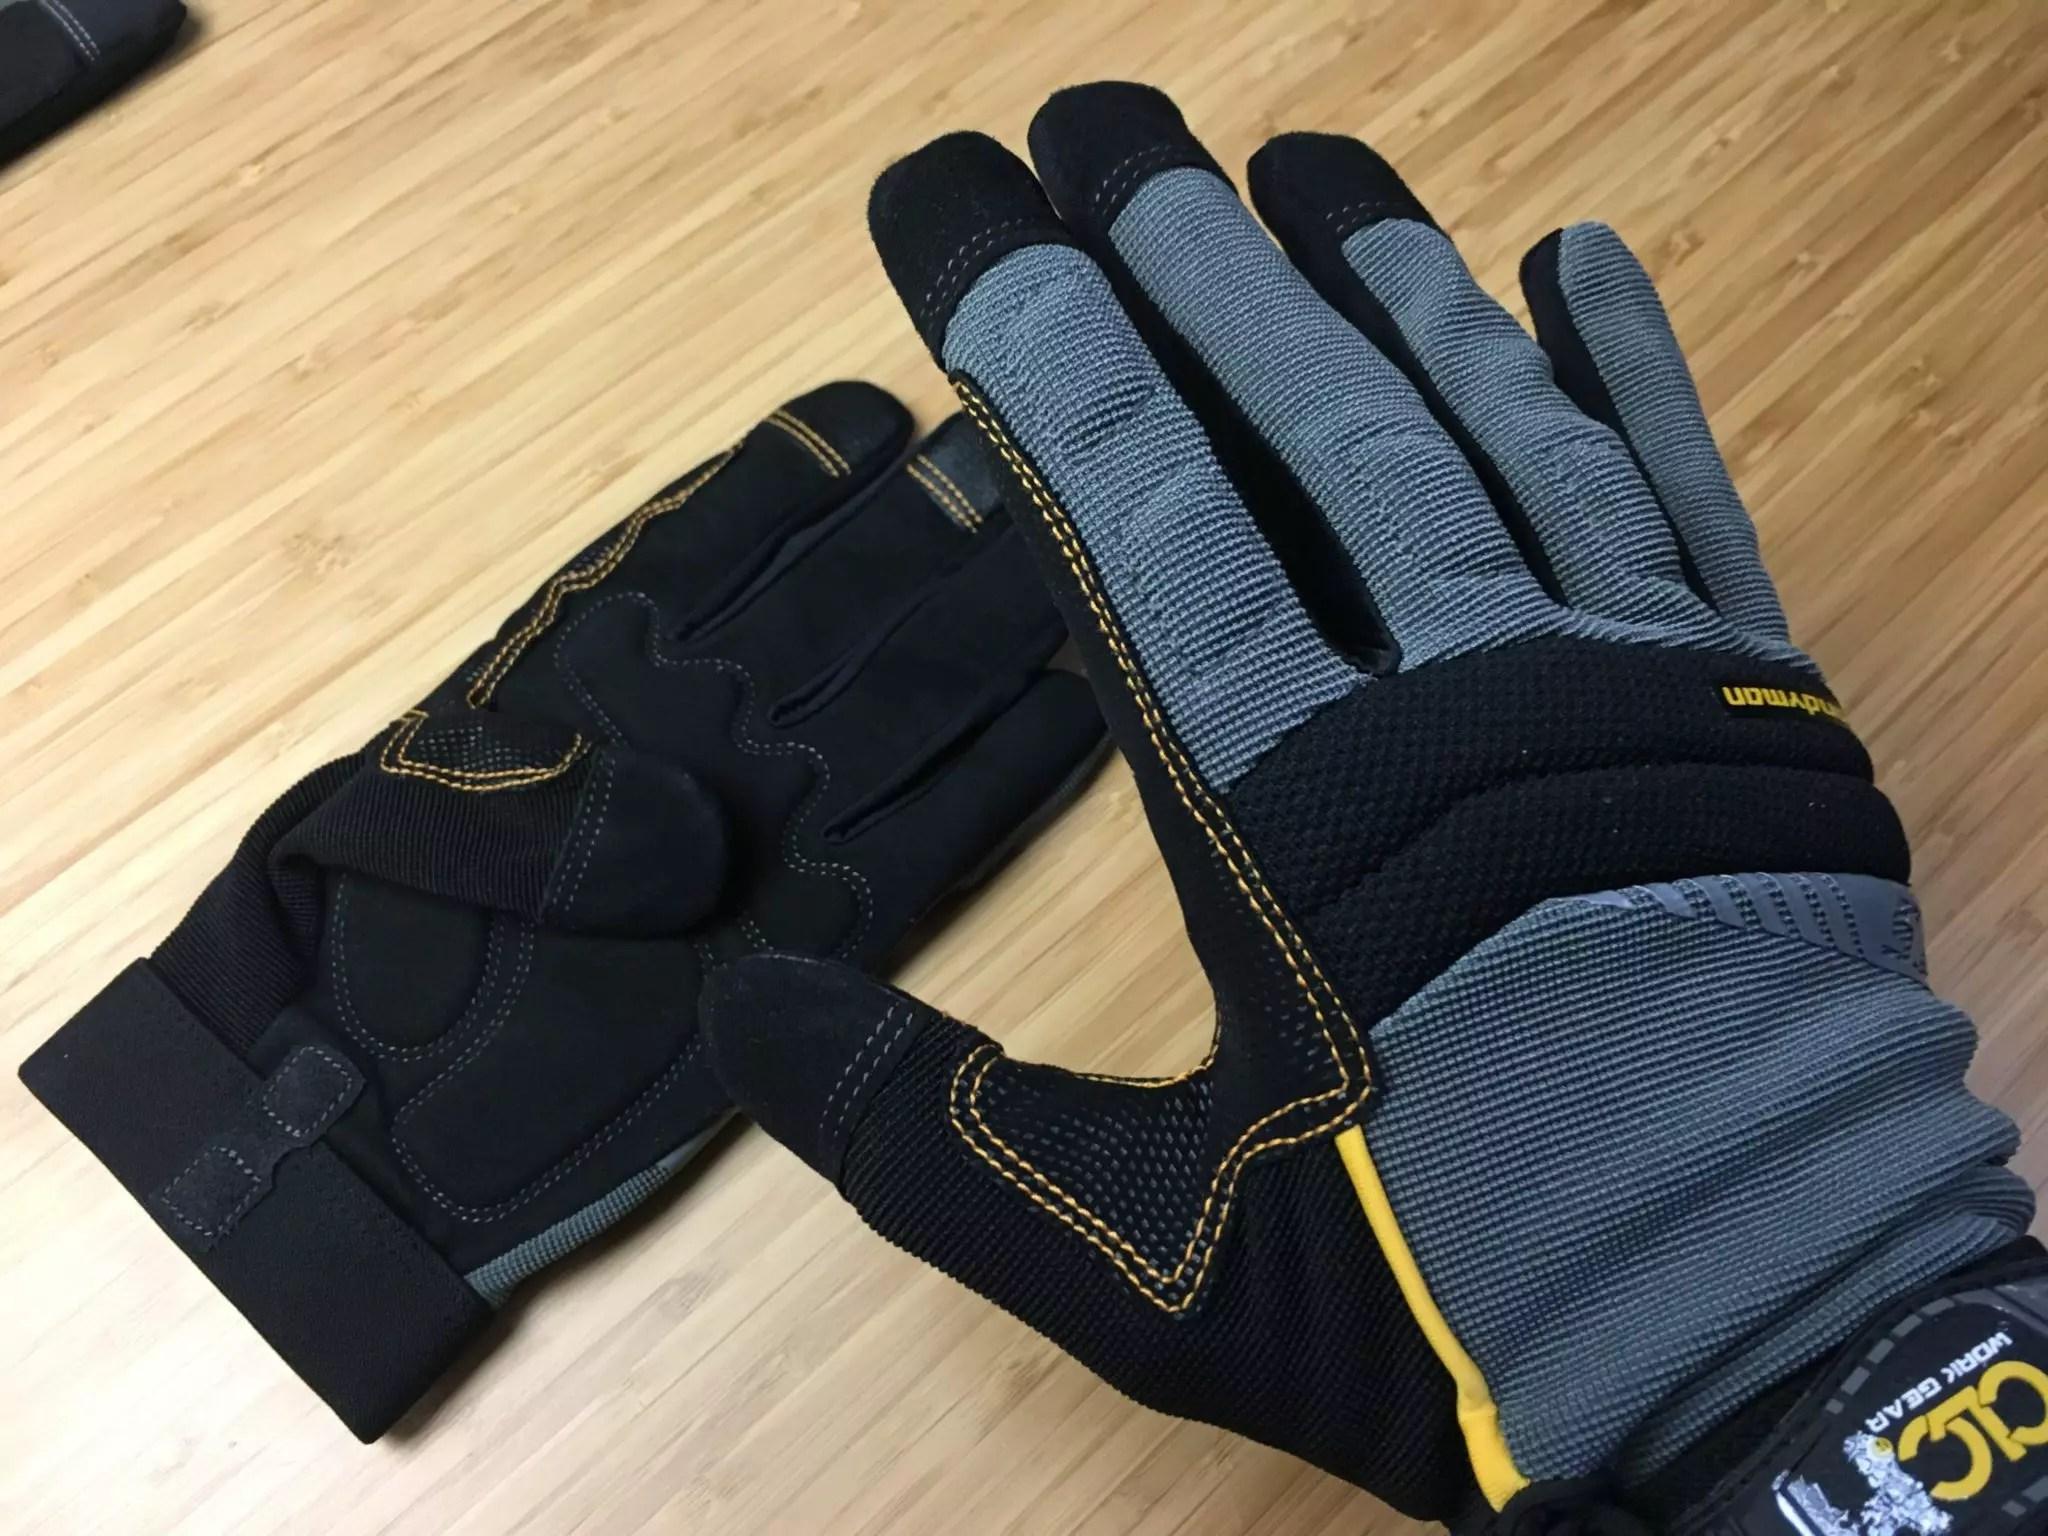 New Glove Day!